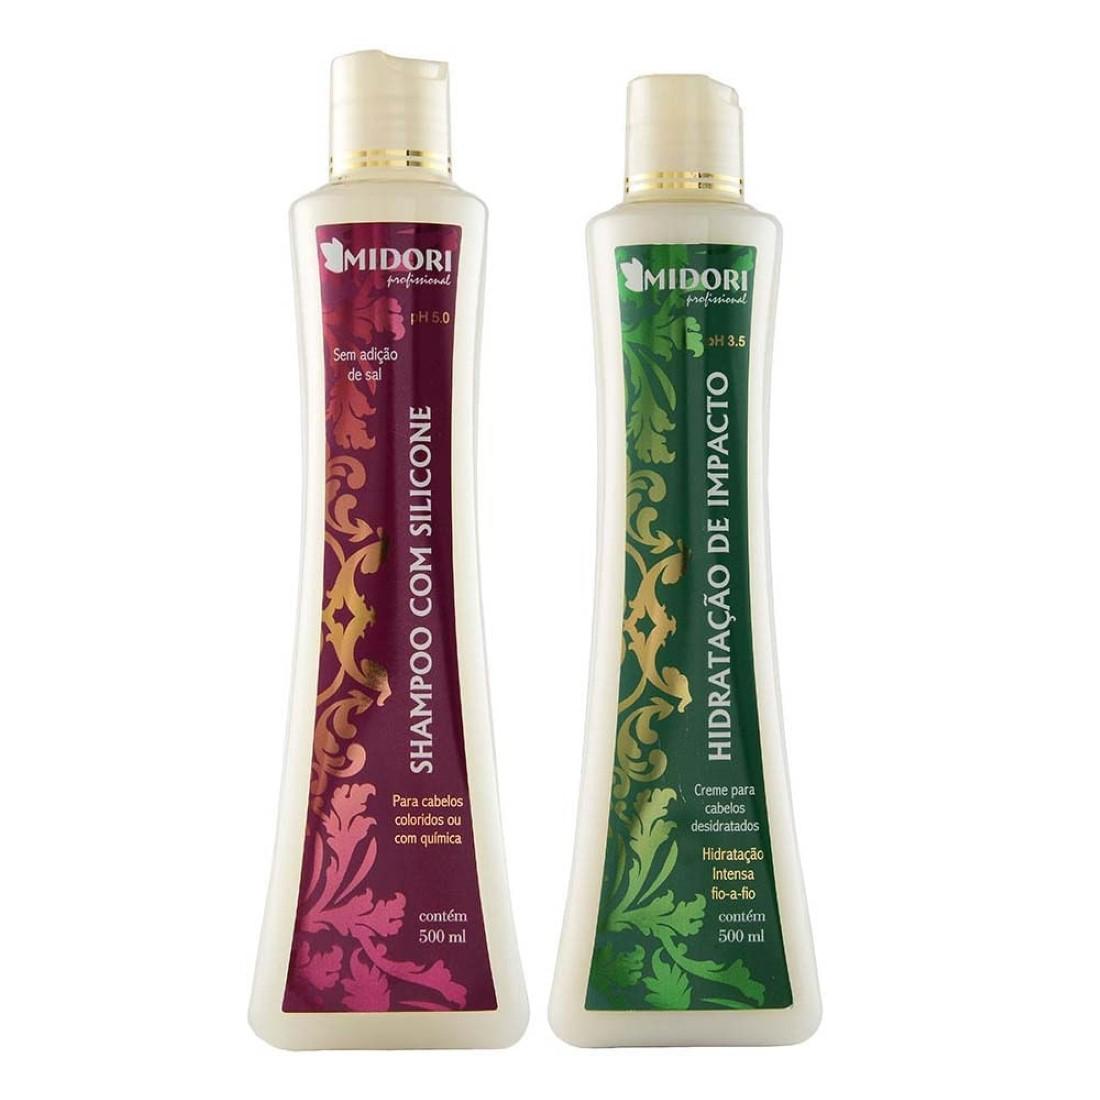 Kit Shampoo com Silicone e Condicionador Hidratação de Impacto - Midori Profissional